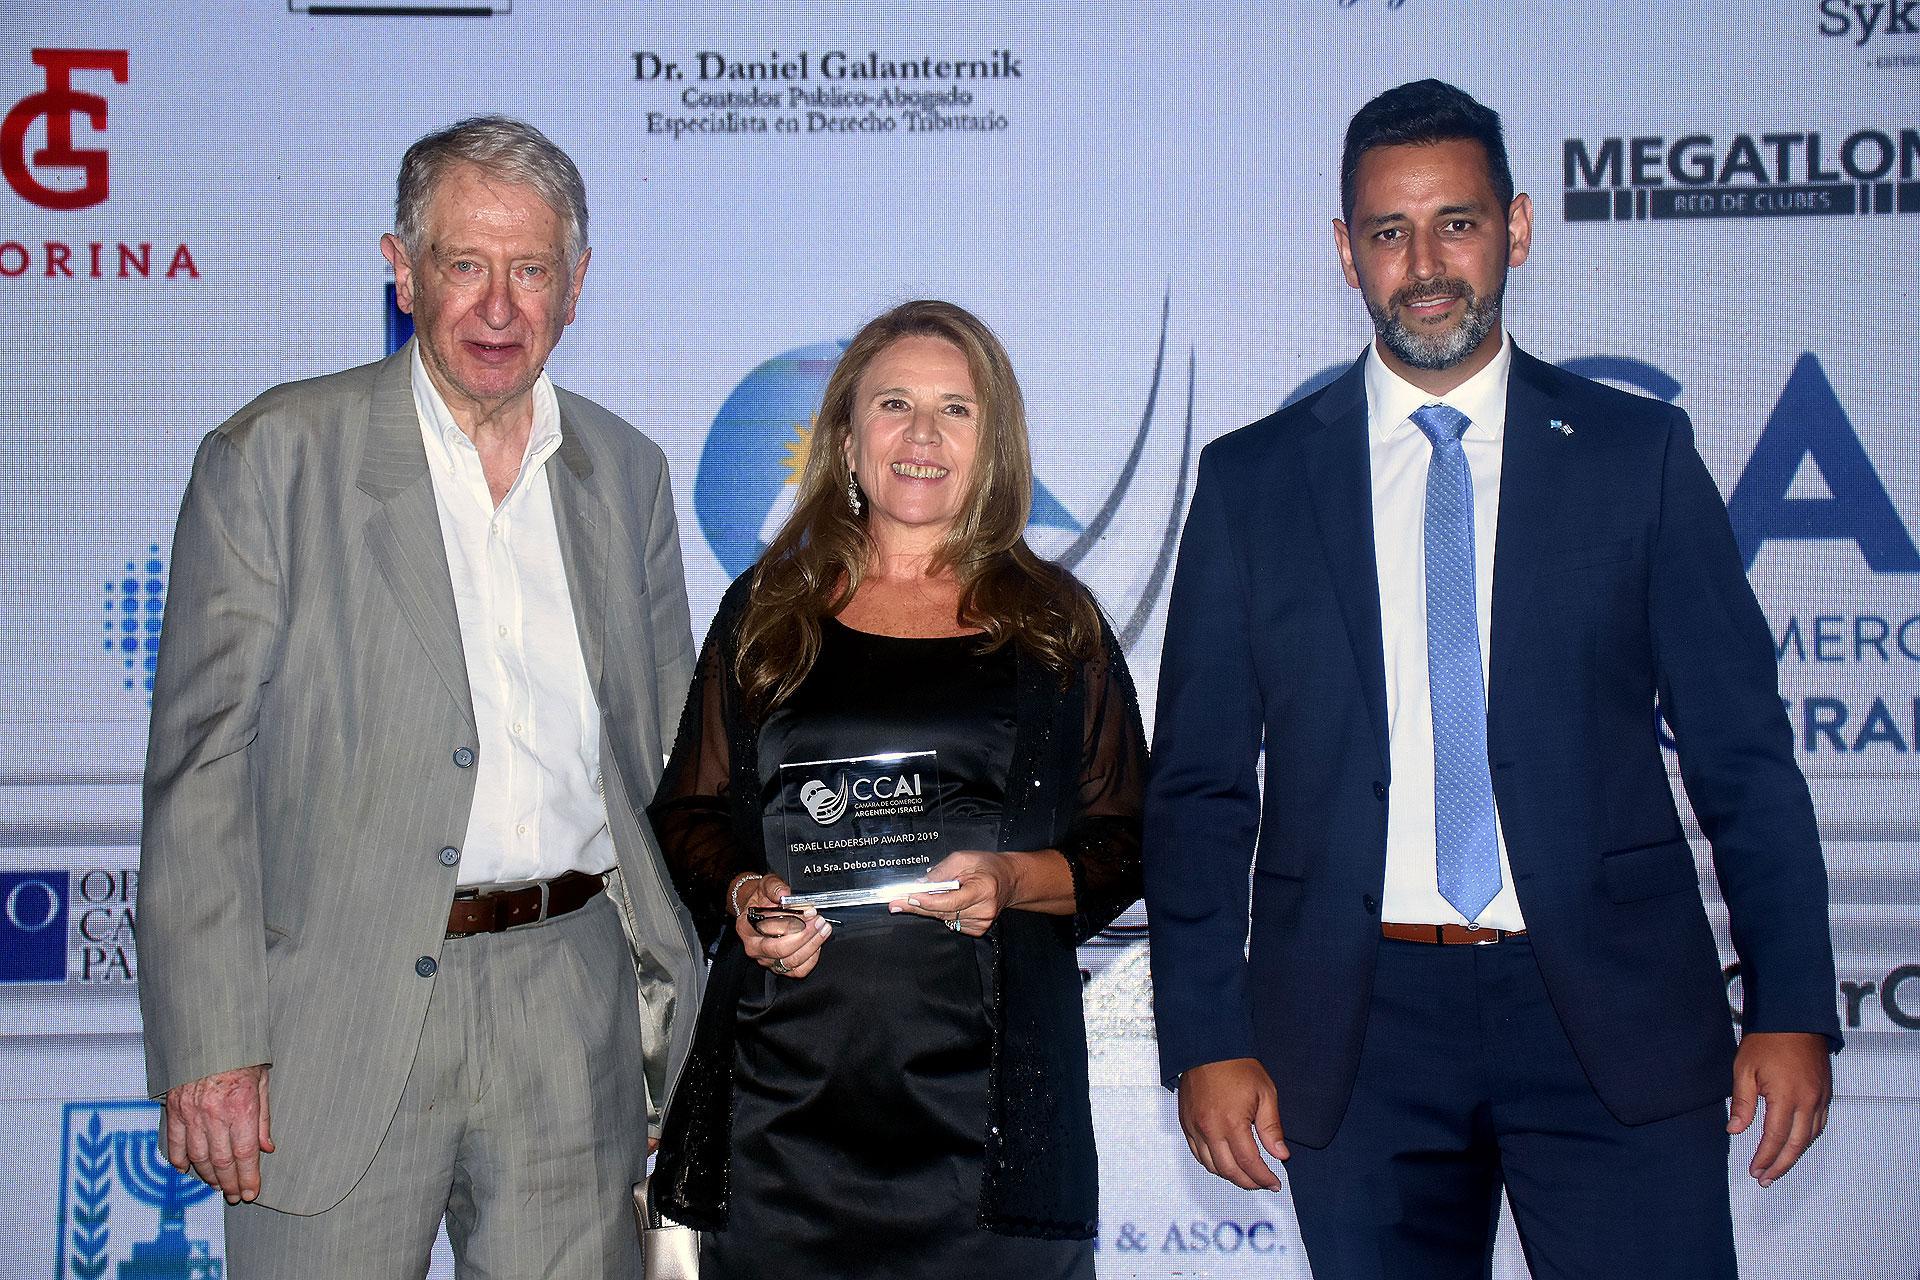 Devora Dorensztein, ganadora del Israel Leadership Awards 2019. Se desempeña como directora de Red Alimentaria, una empresa especializada en brindar consultoría estratégica comercial para el sector de la industria alimentaria, a través de sus espacios editoriales, virtuales, de exposiciones y misiones que promueven el comercio exterior